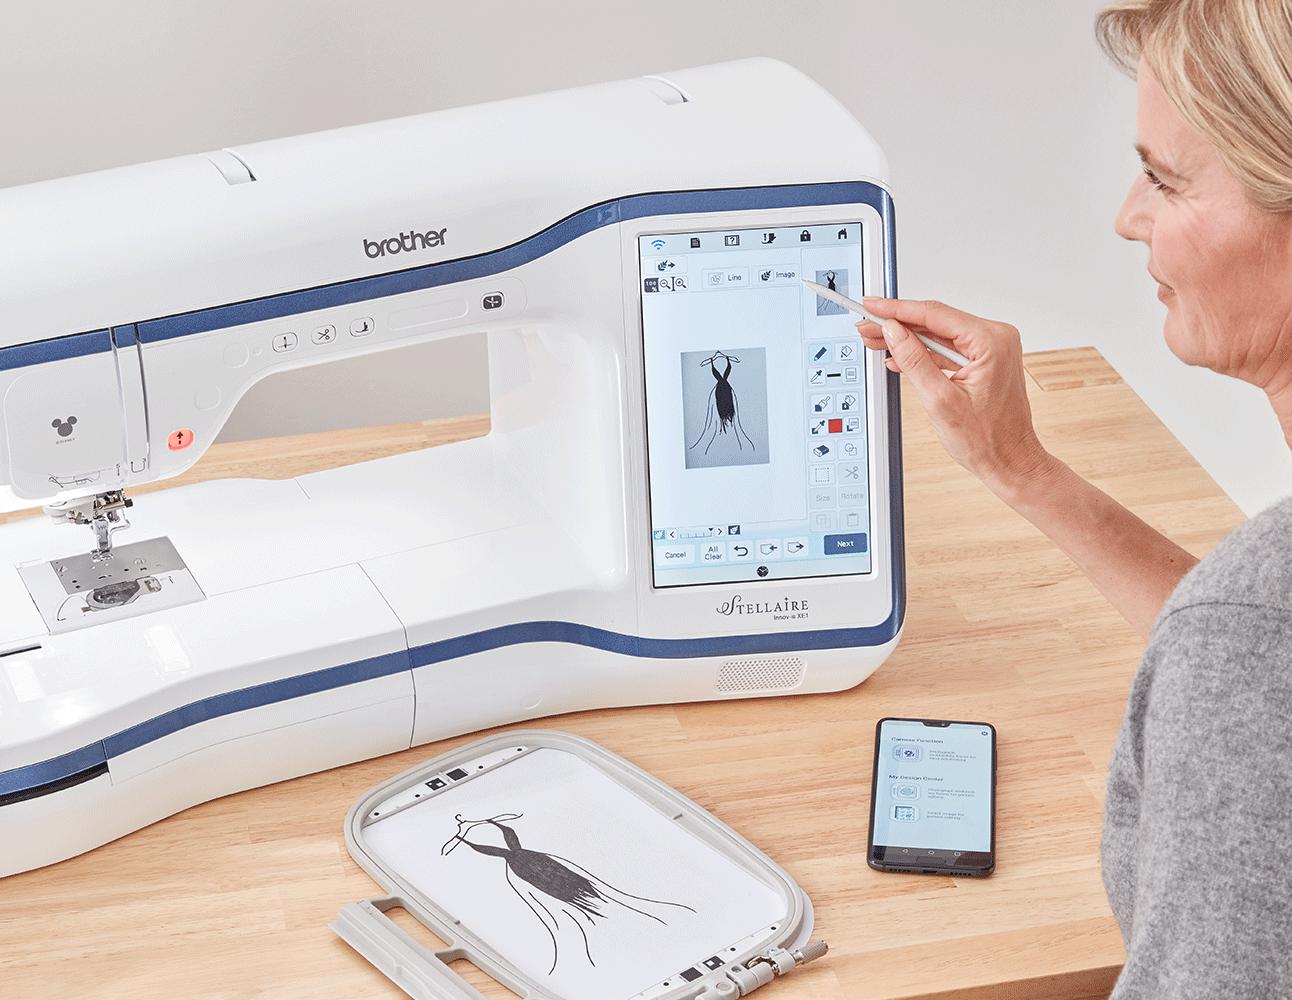 Schets van jurk in kader, smartphone met My Design app en Stellaire